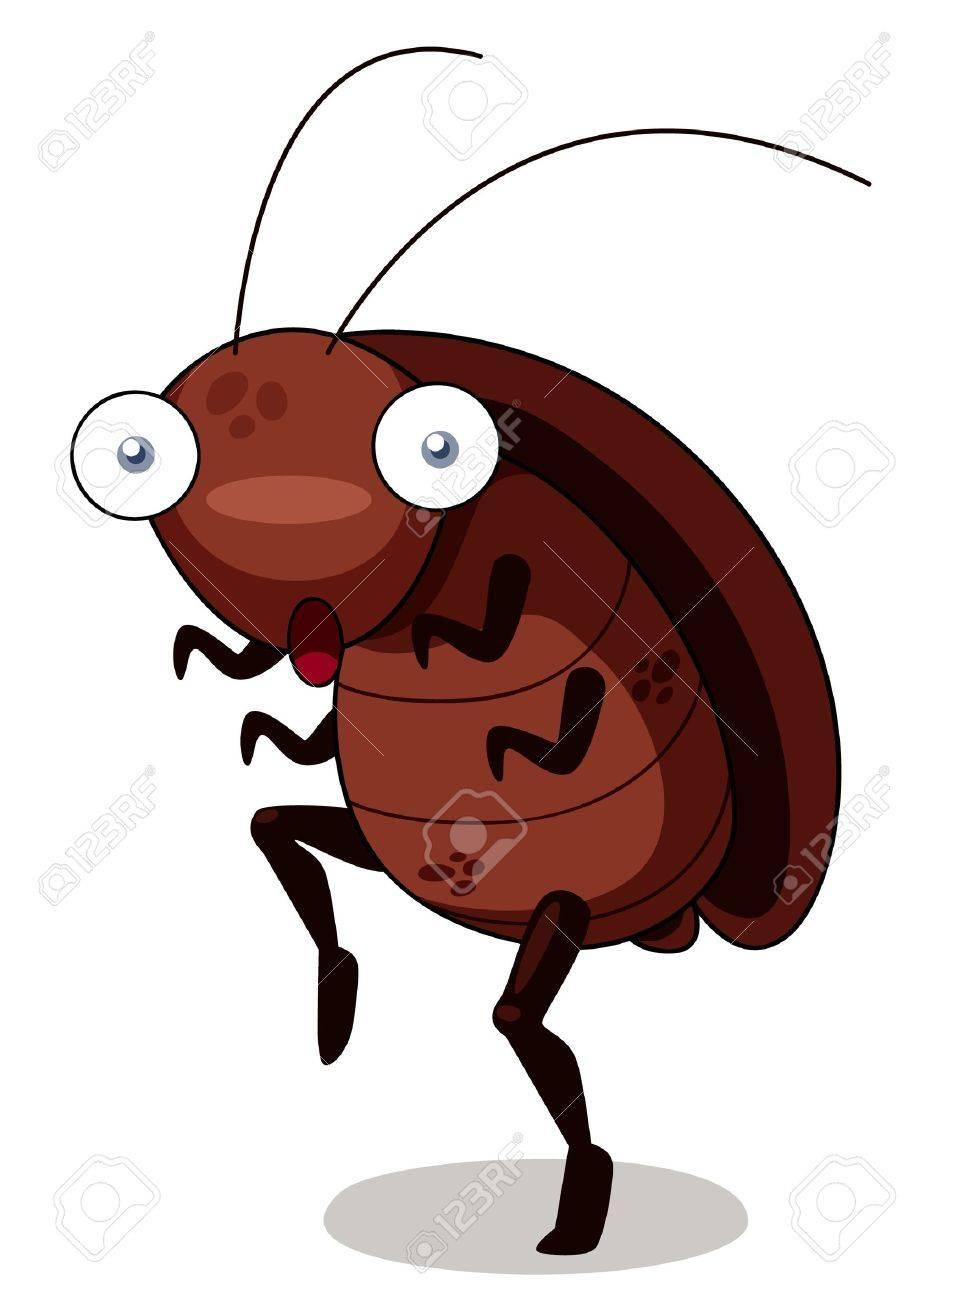 ゴキブリ漫画のイラストのイラスト素材ベクタ Image 16261562